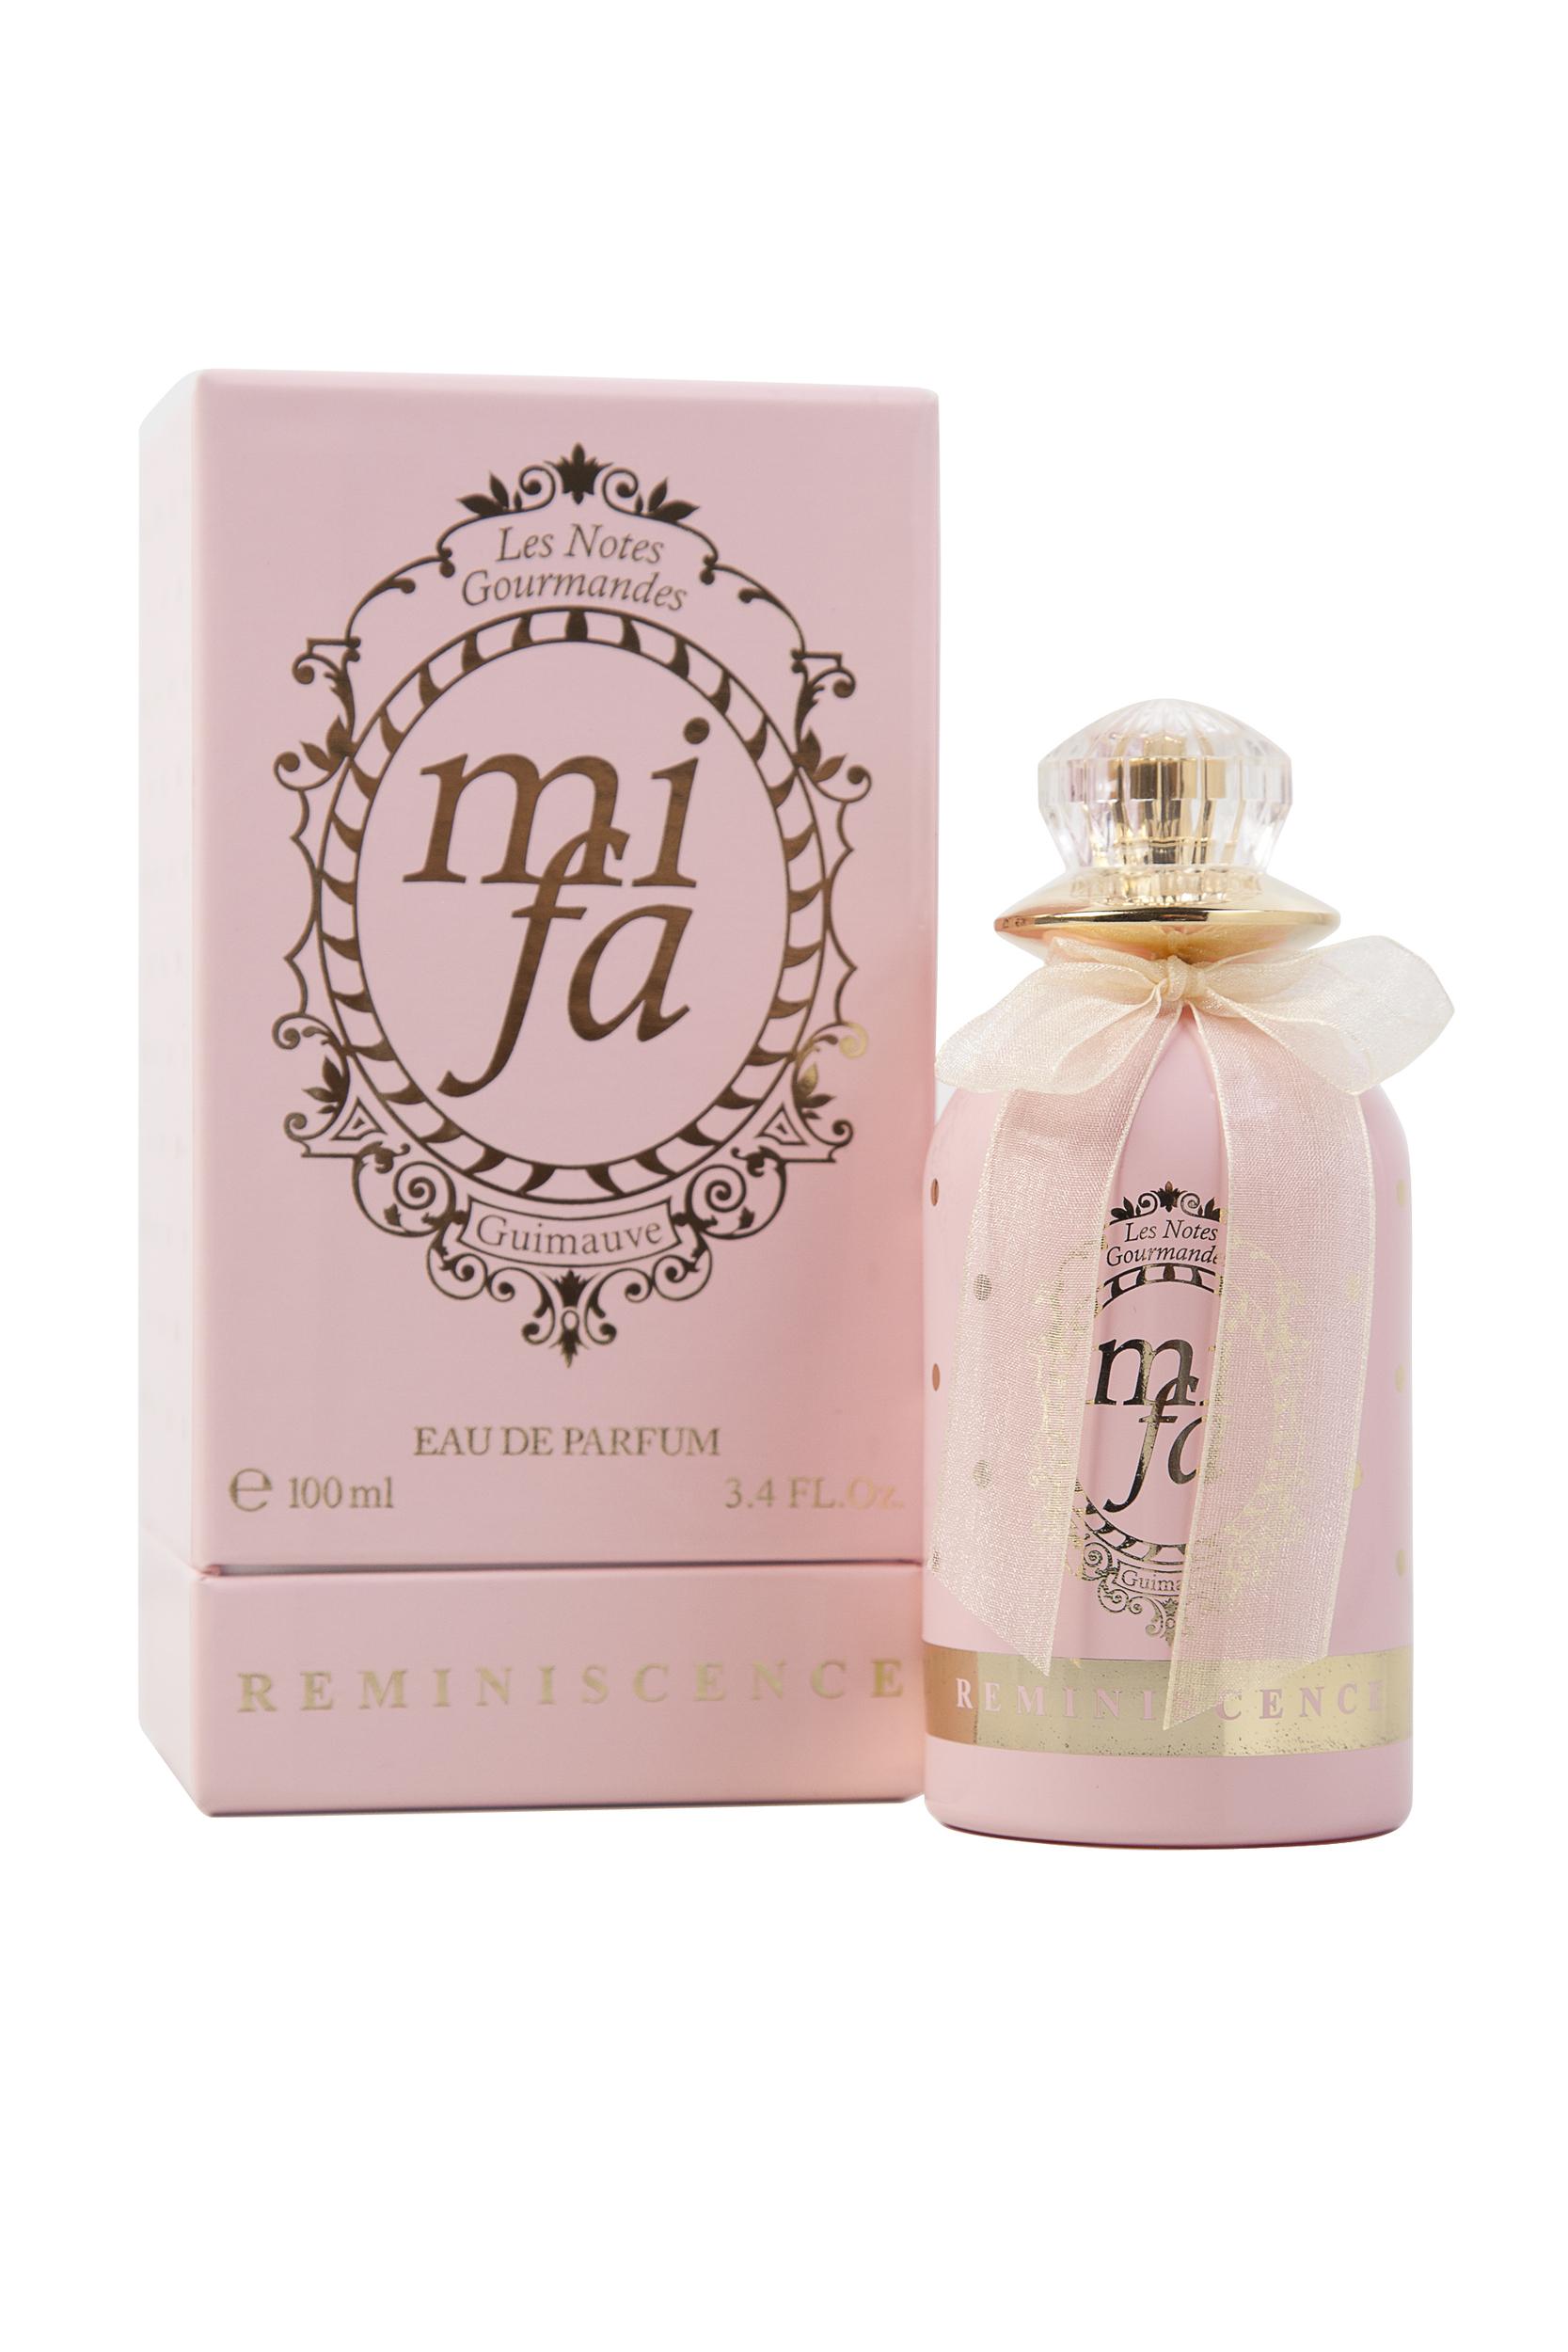 Parfum Parfum Notes Les Notes Gourmandes Reminiscence Reminiscence Les 2D9WEHI